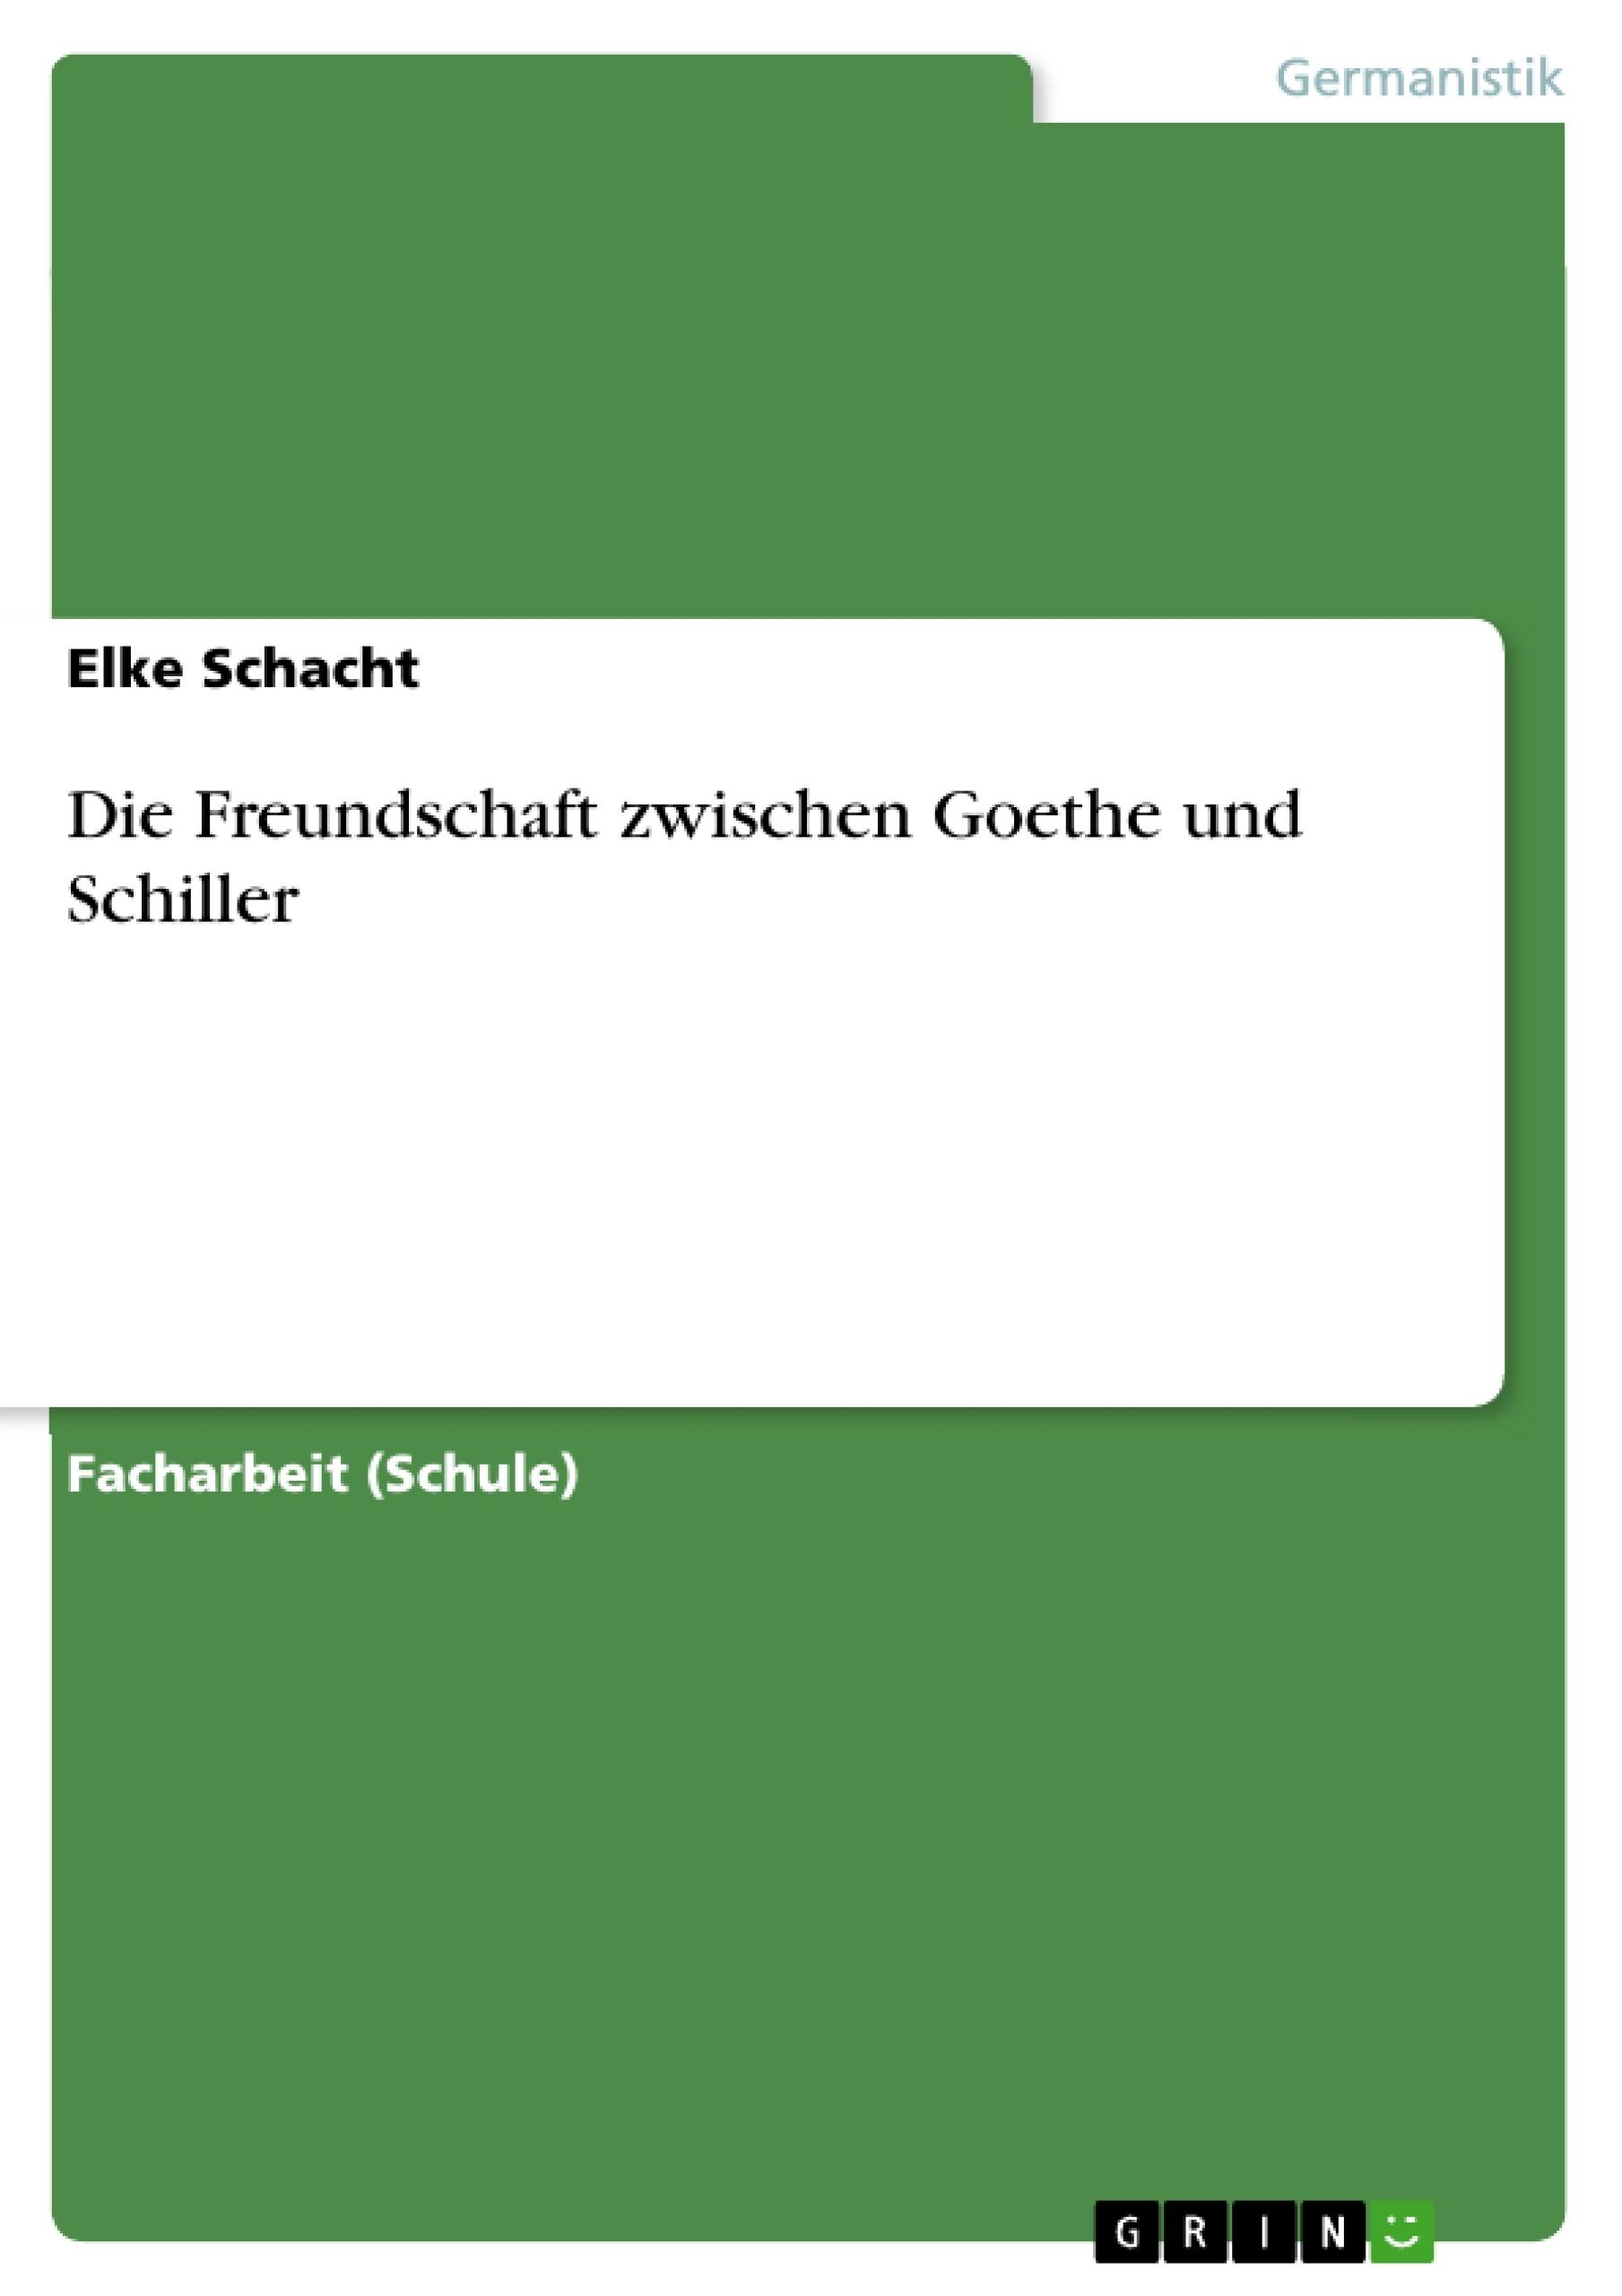 Titel: Die Freundschaft zwischen Goethe und Schiller